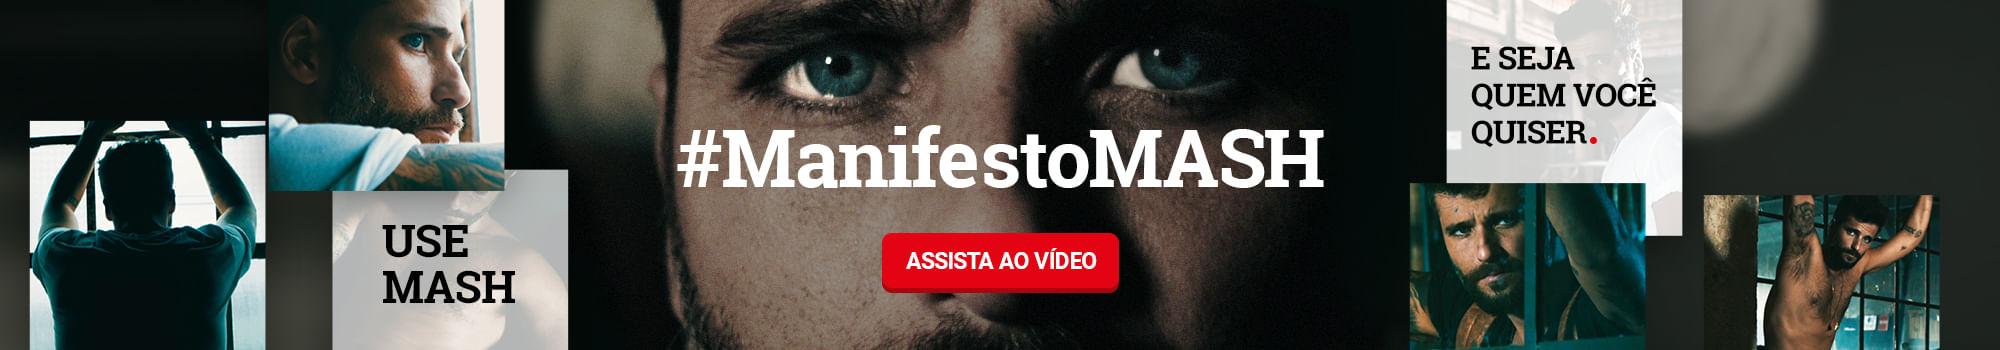 Banner Manifesto